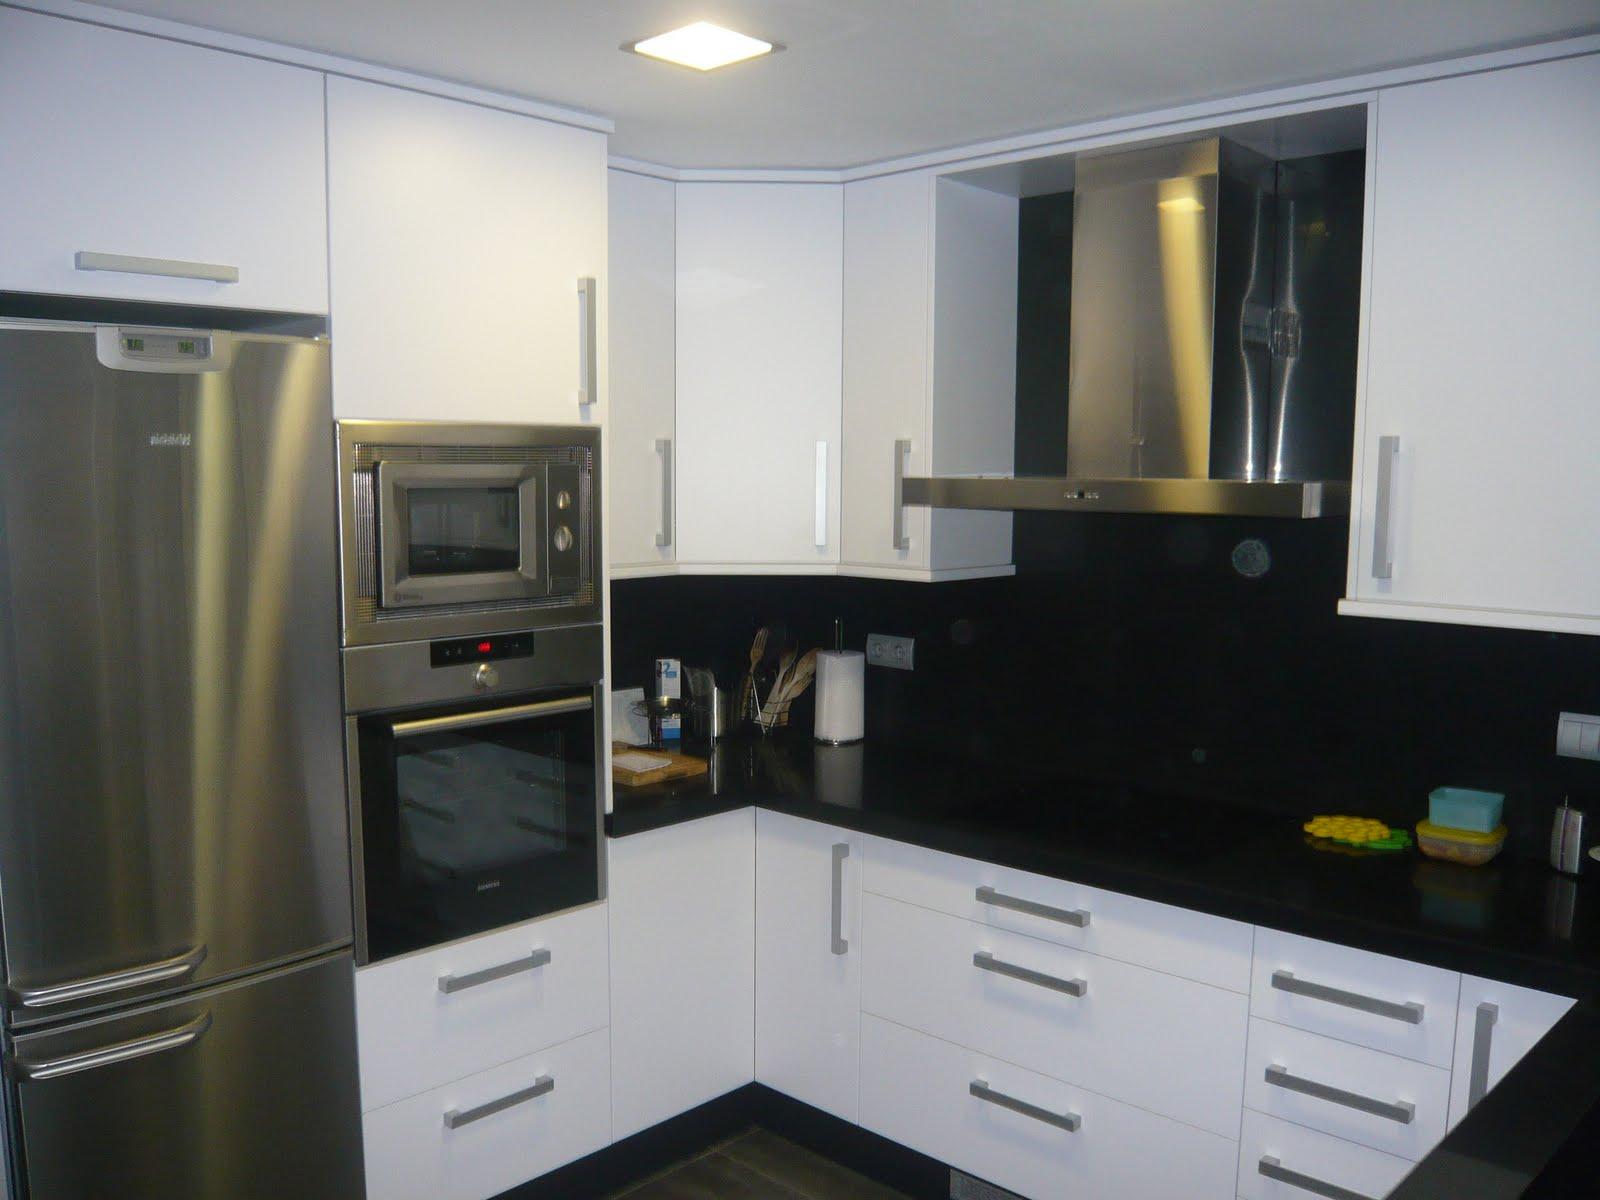 Reuscuina cocina de formica blanca con silestone negro - Cocinas con silestone ...